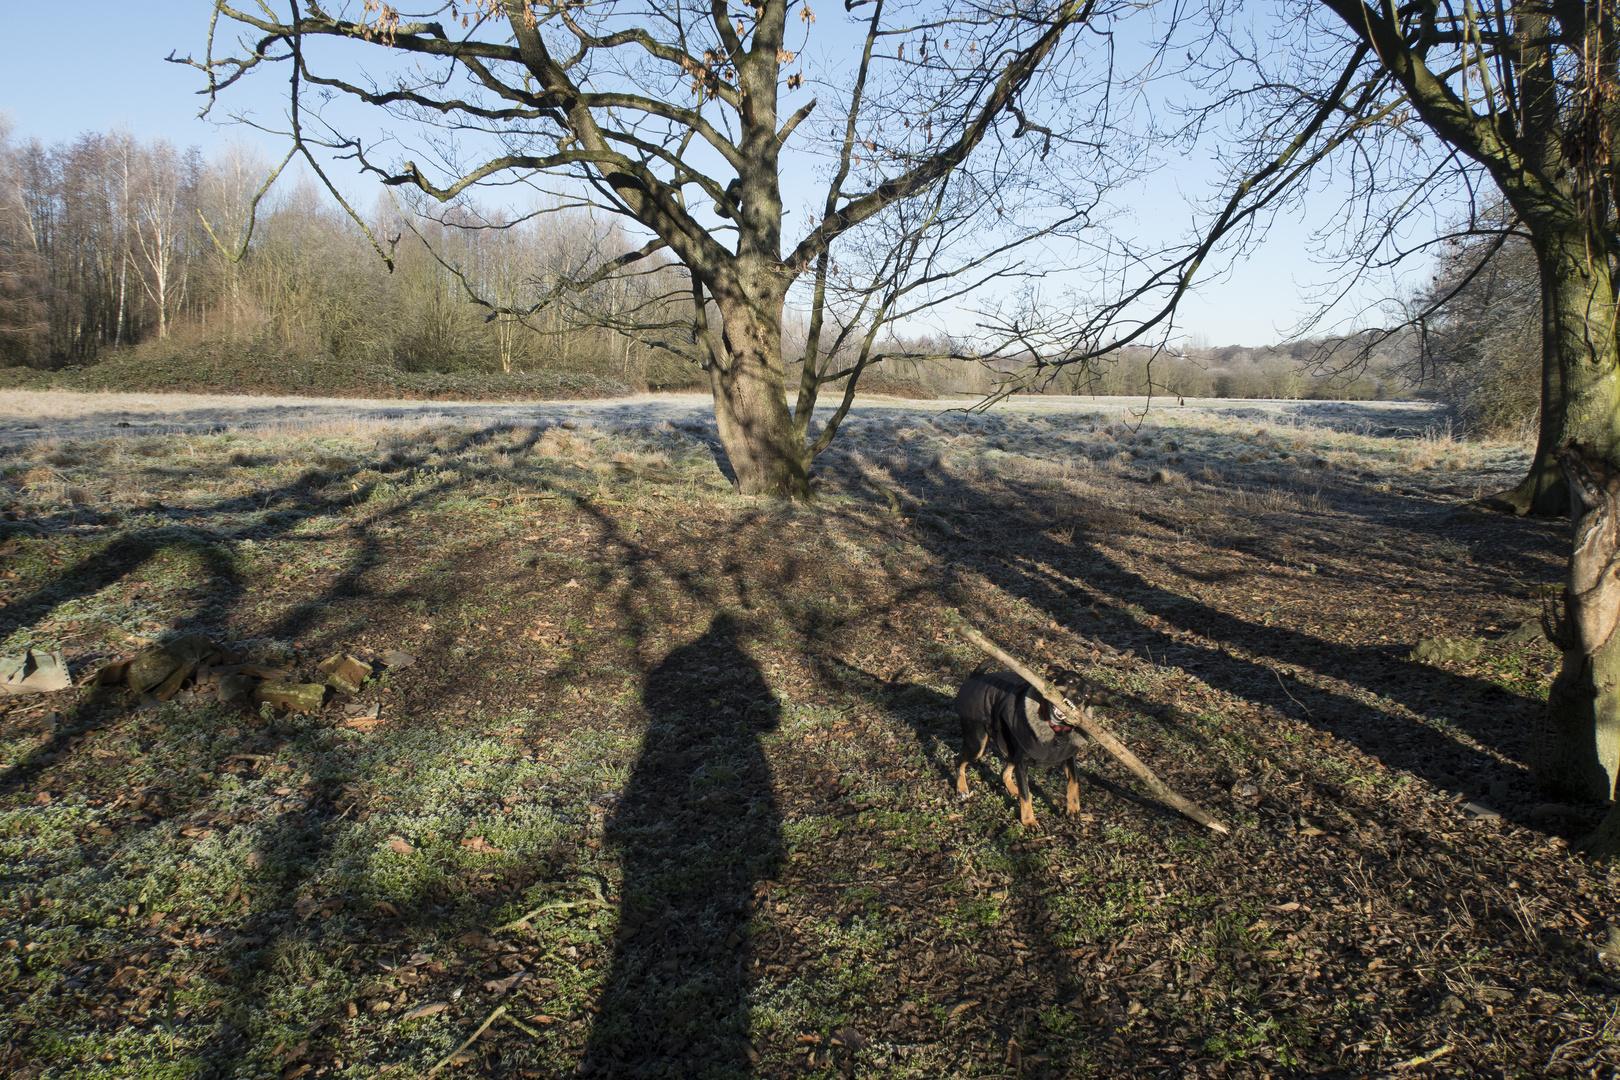 """Hund tritt auf: """"Das Schattenholzbiest der Ruhrauen."""""""